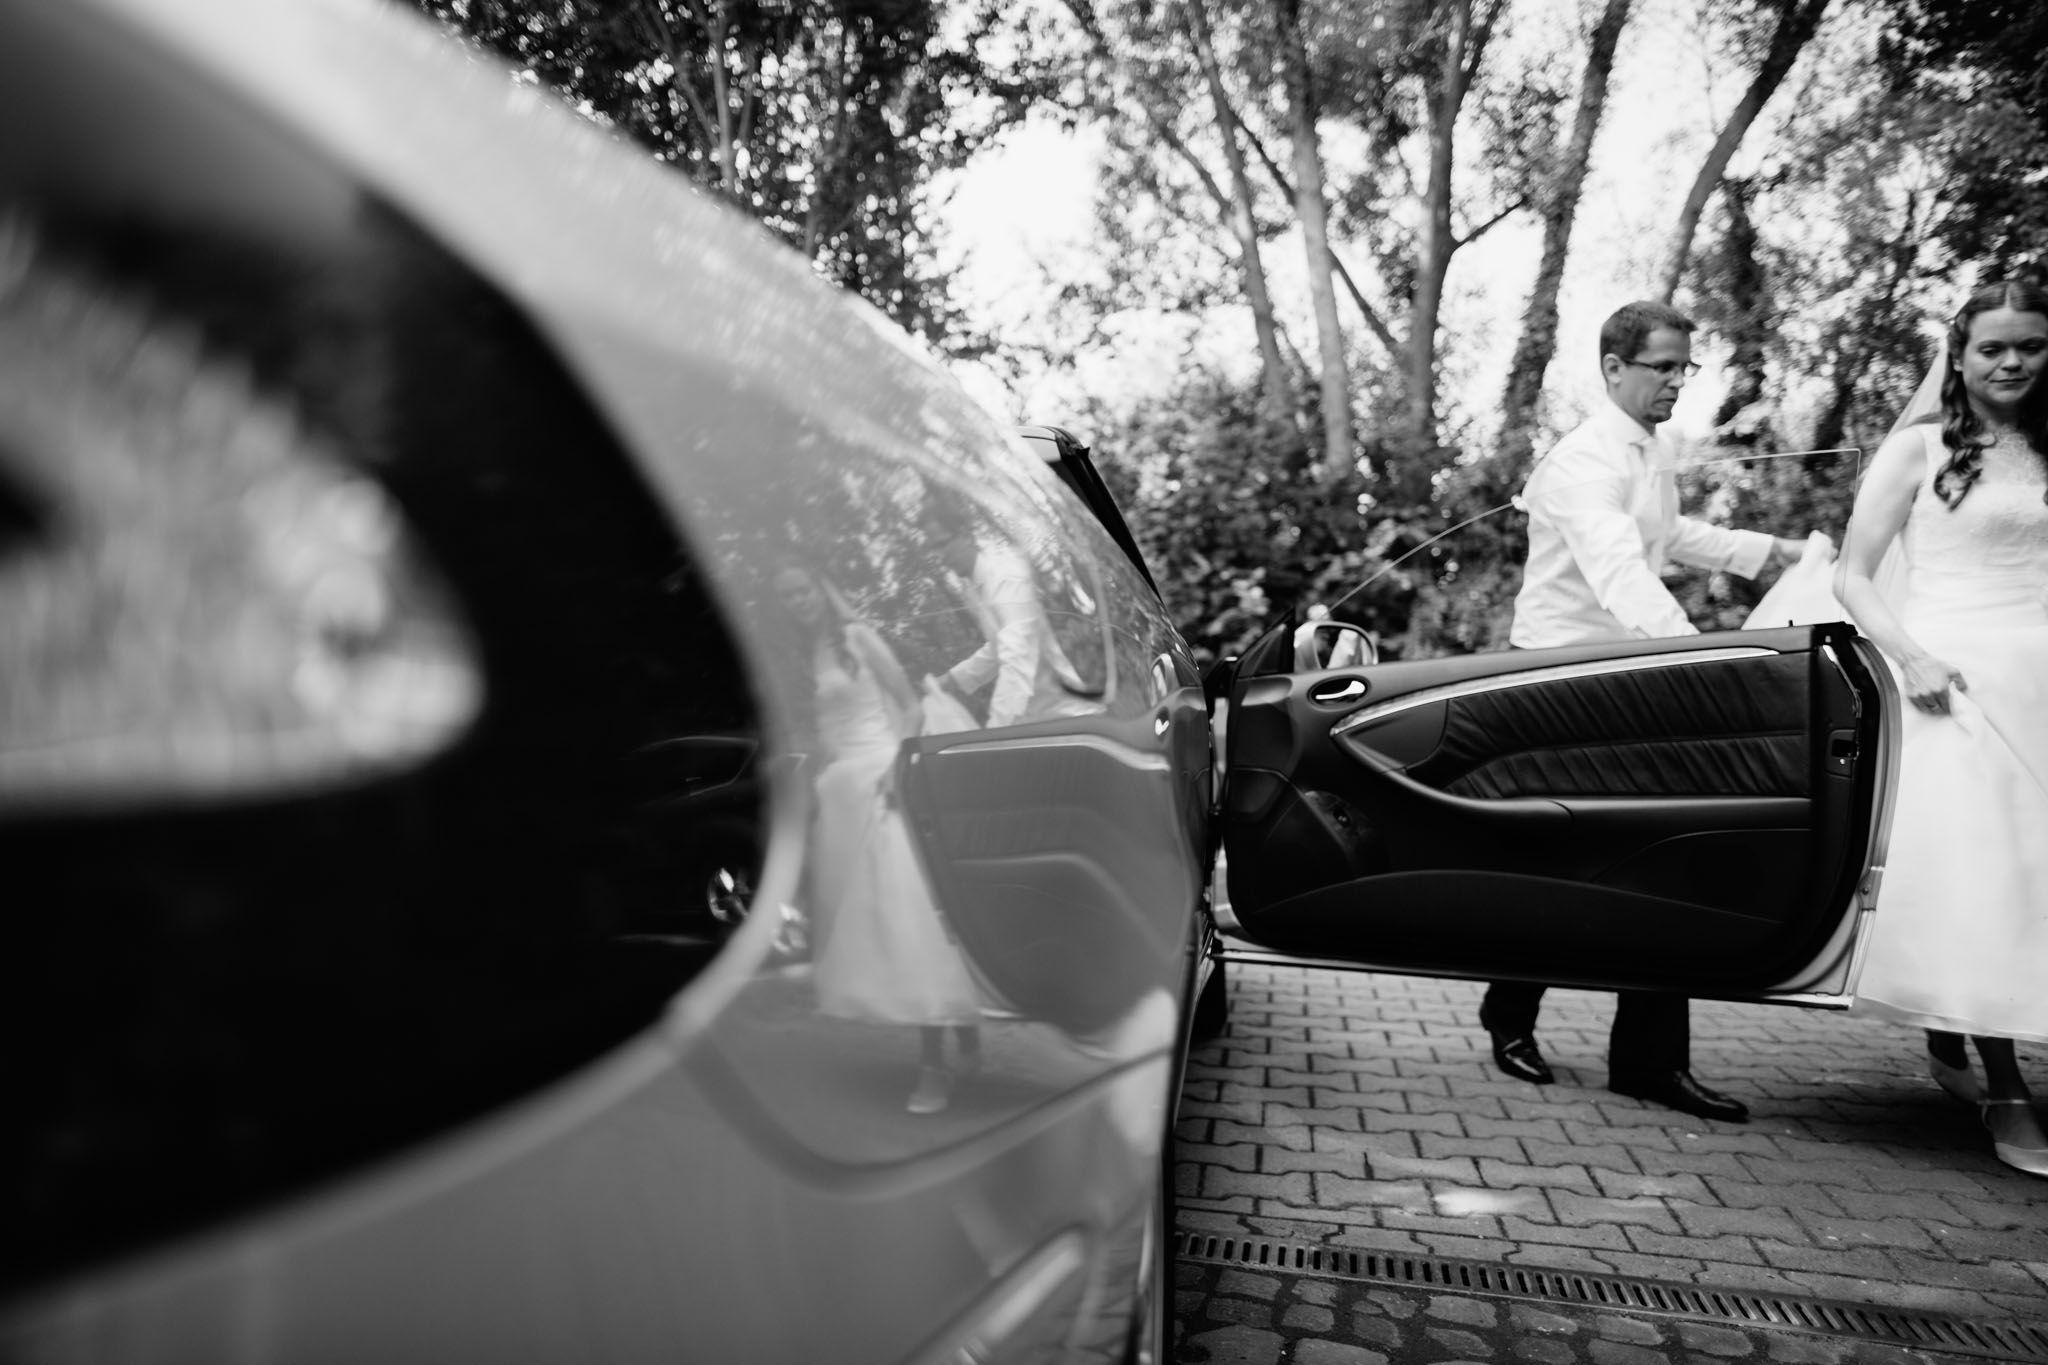 hochzeitsreportage-fotograf-schwarzweiss